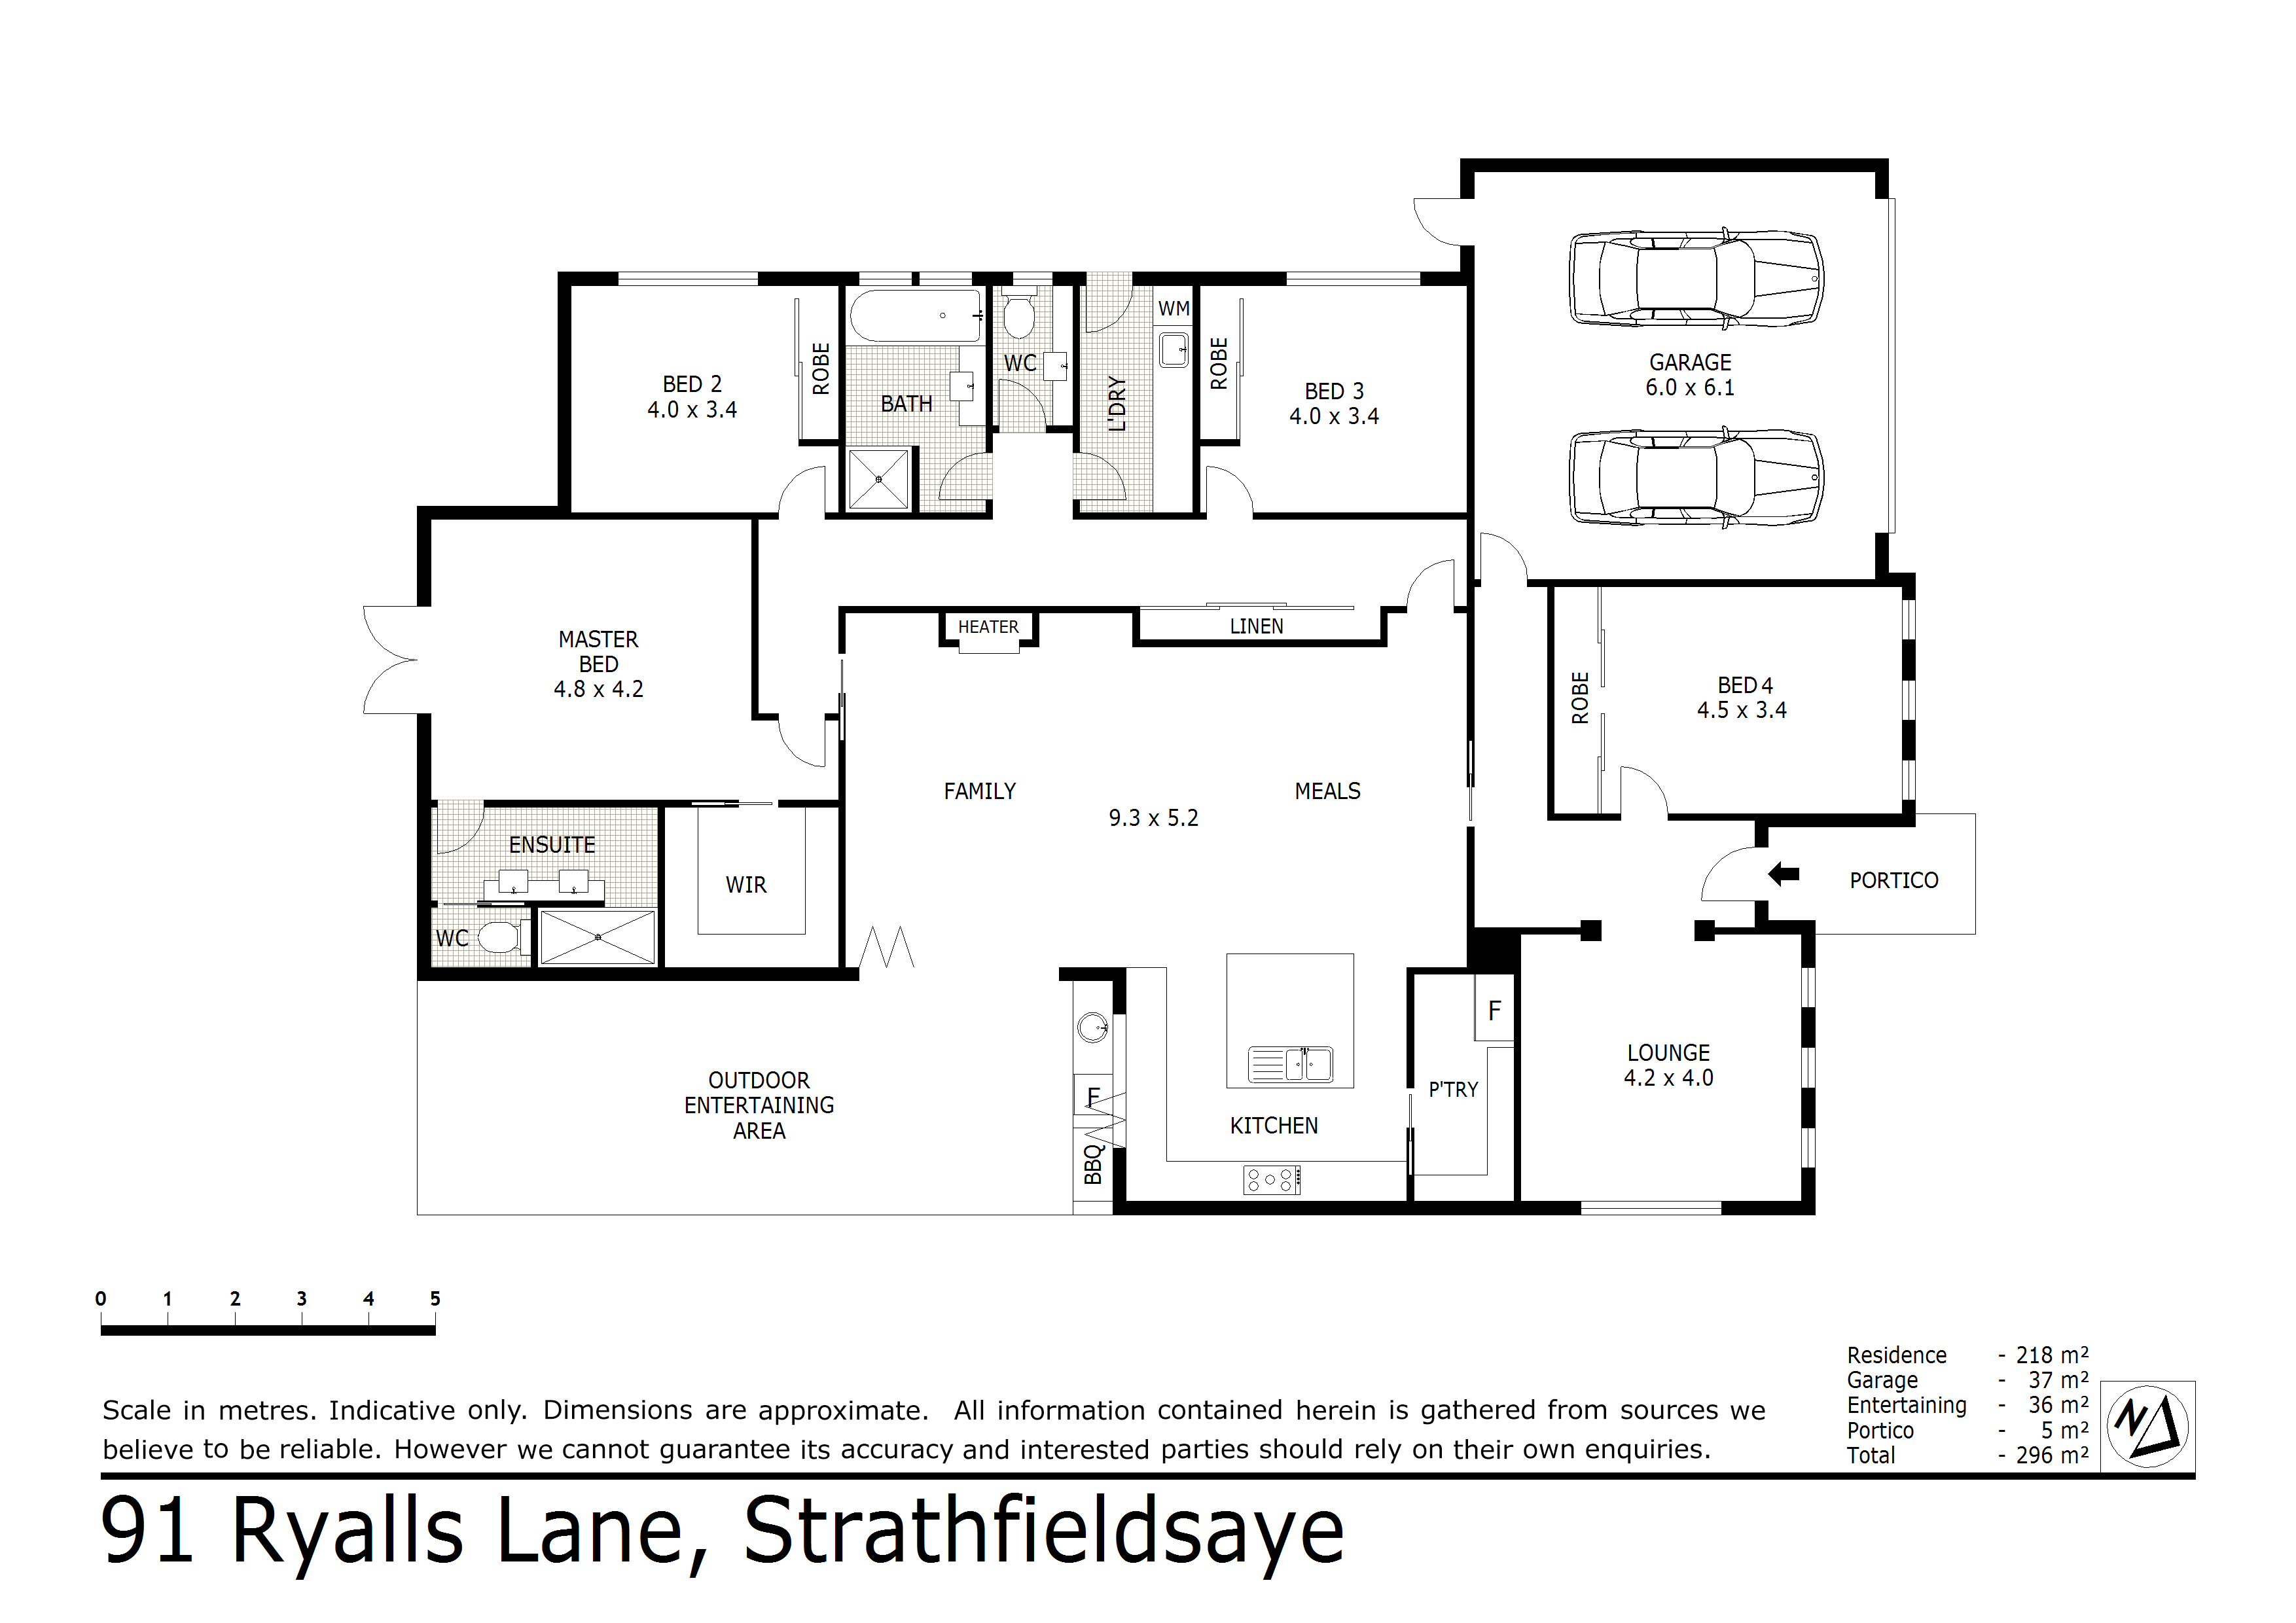 91 Ryalls Lane, Strathfieldsaye, VIC 3551